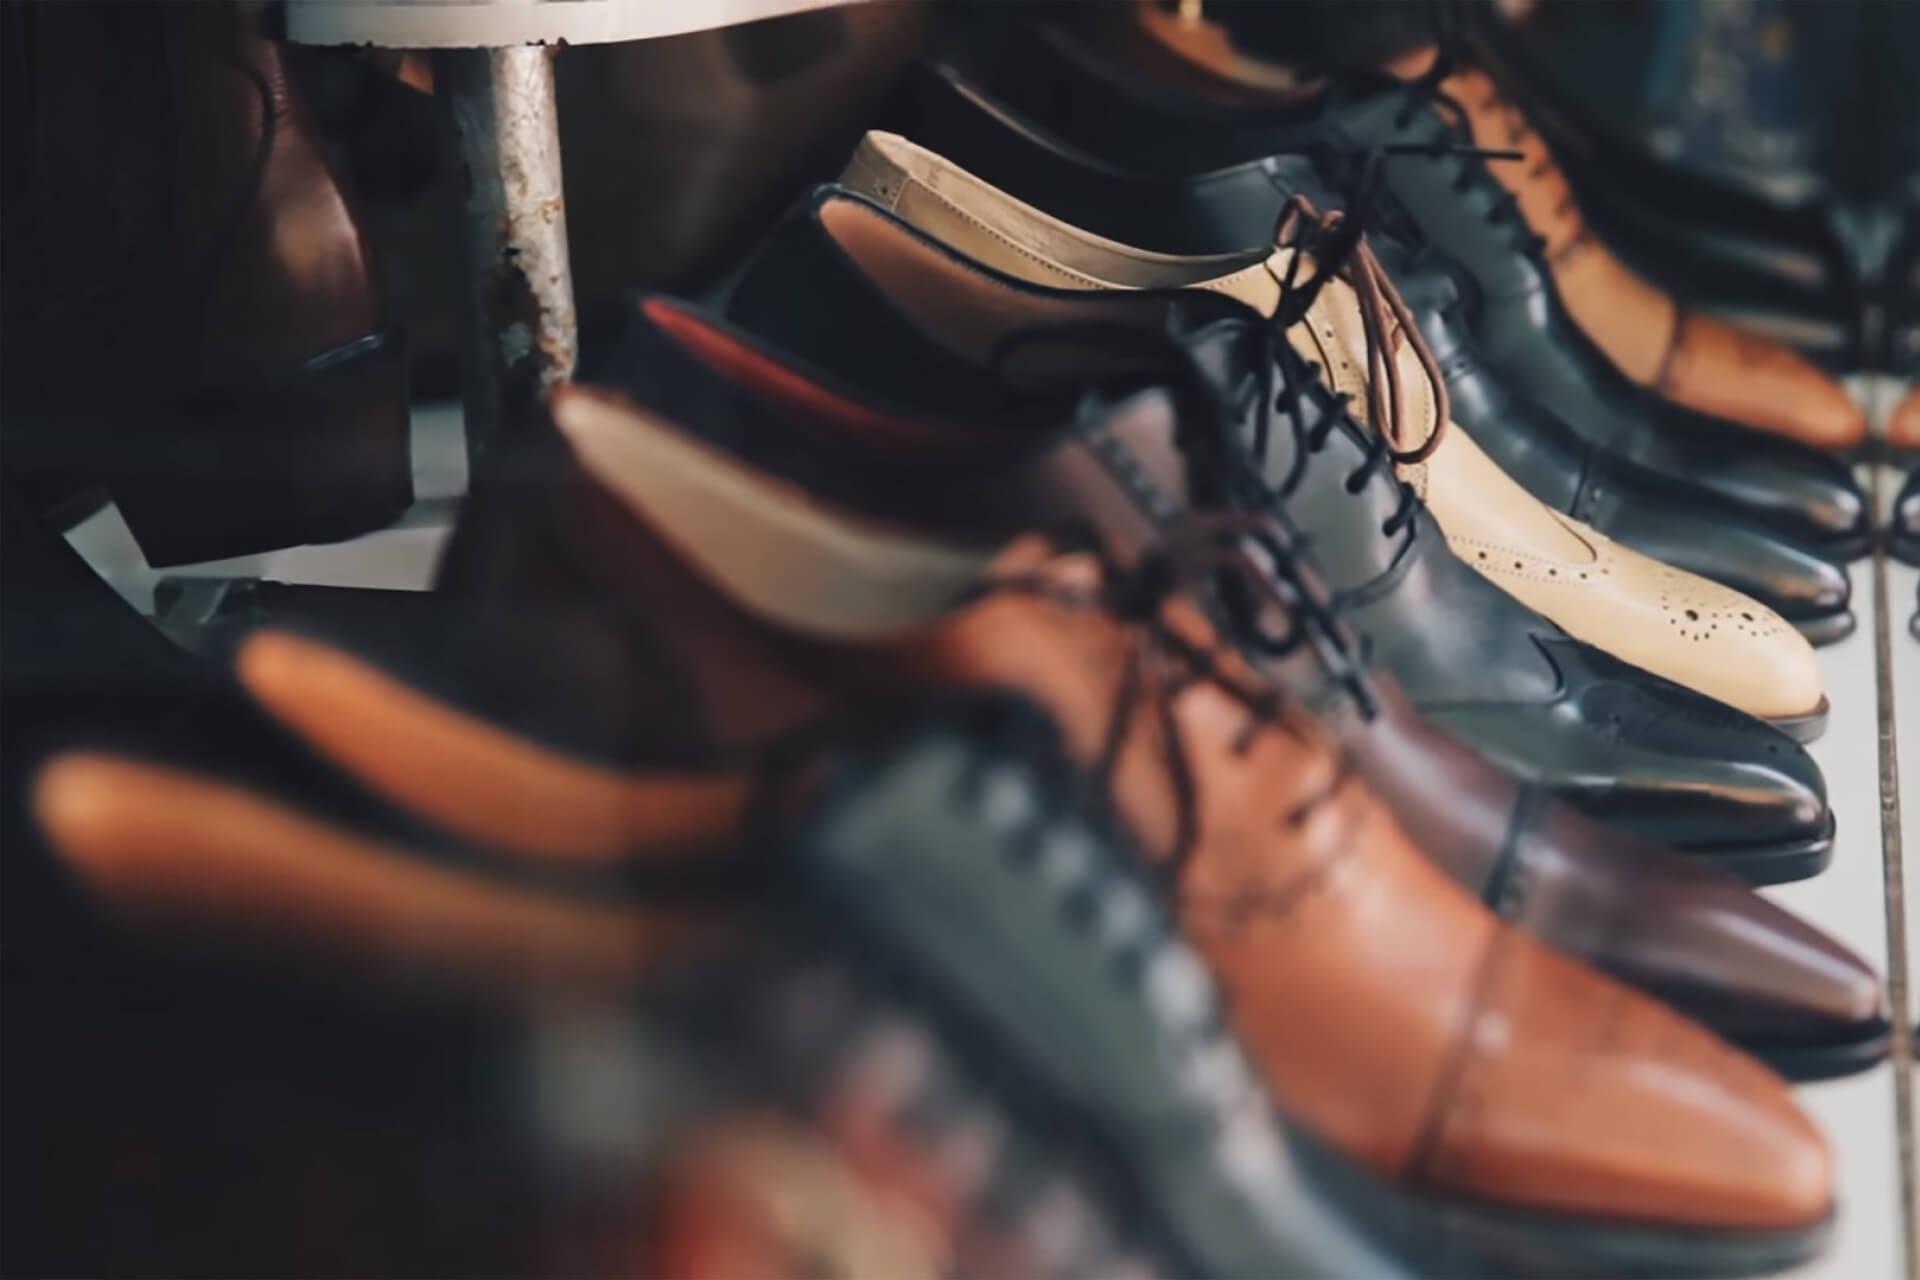 Платформа ОФД и ЦРПТ: с внедрением маркировки рынок продажи обуви в России обелился на 35%